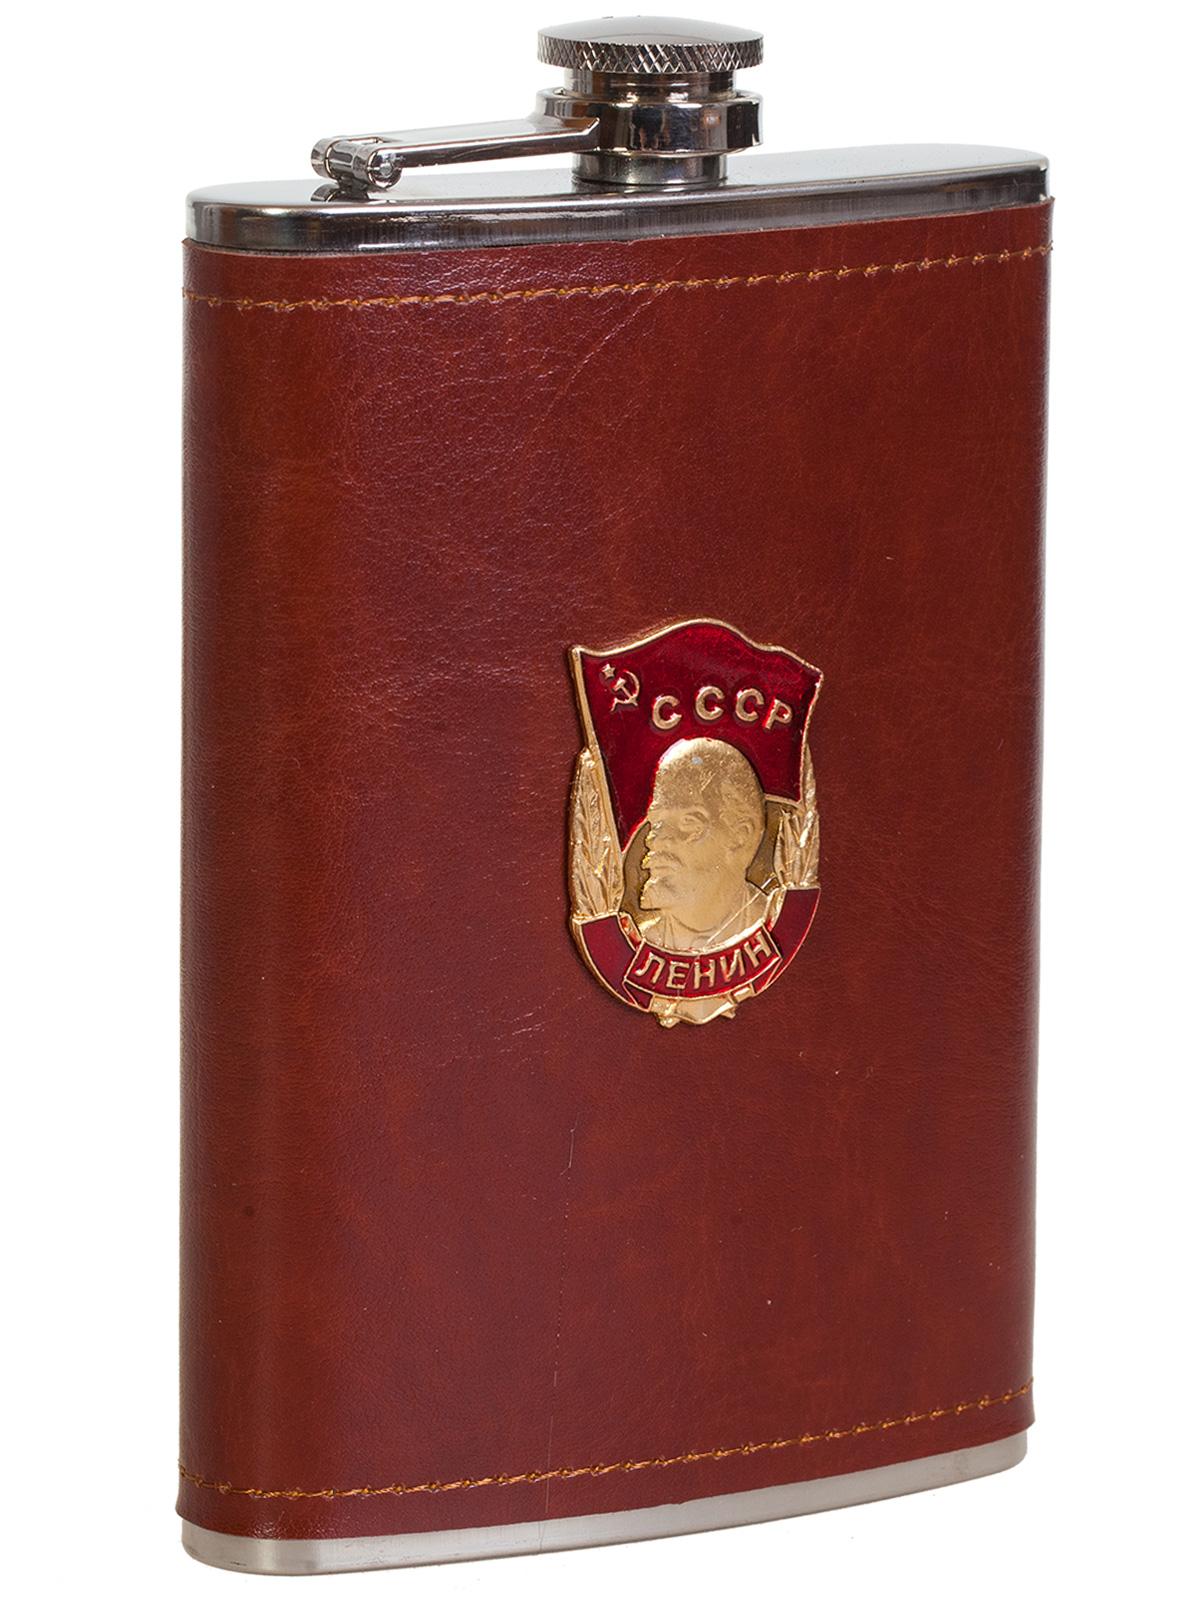 Купить эксклюзивную карманную фляжку с металлической накладкой Орден Ленина оптом или в розницу